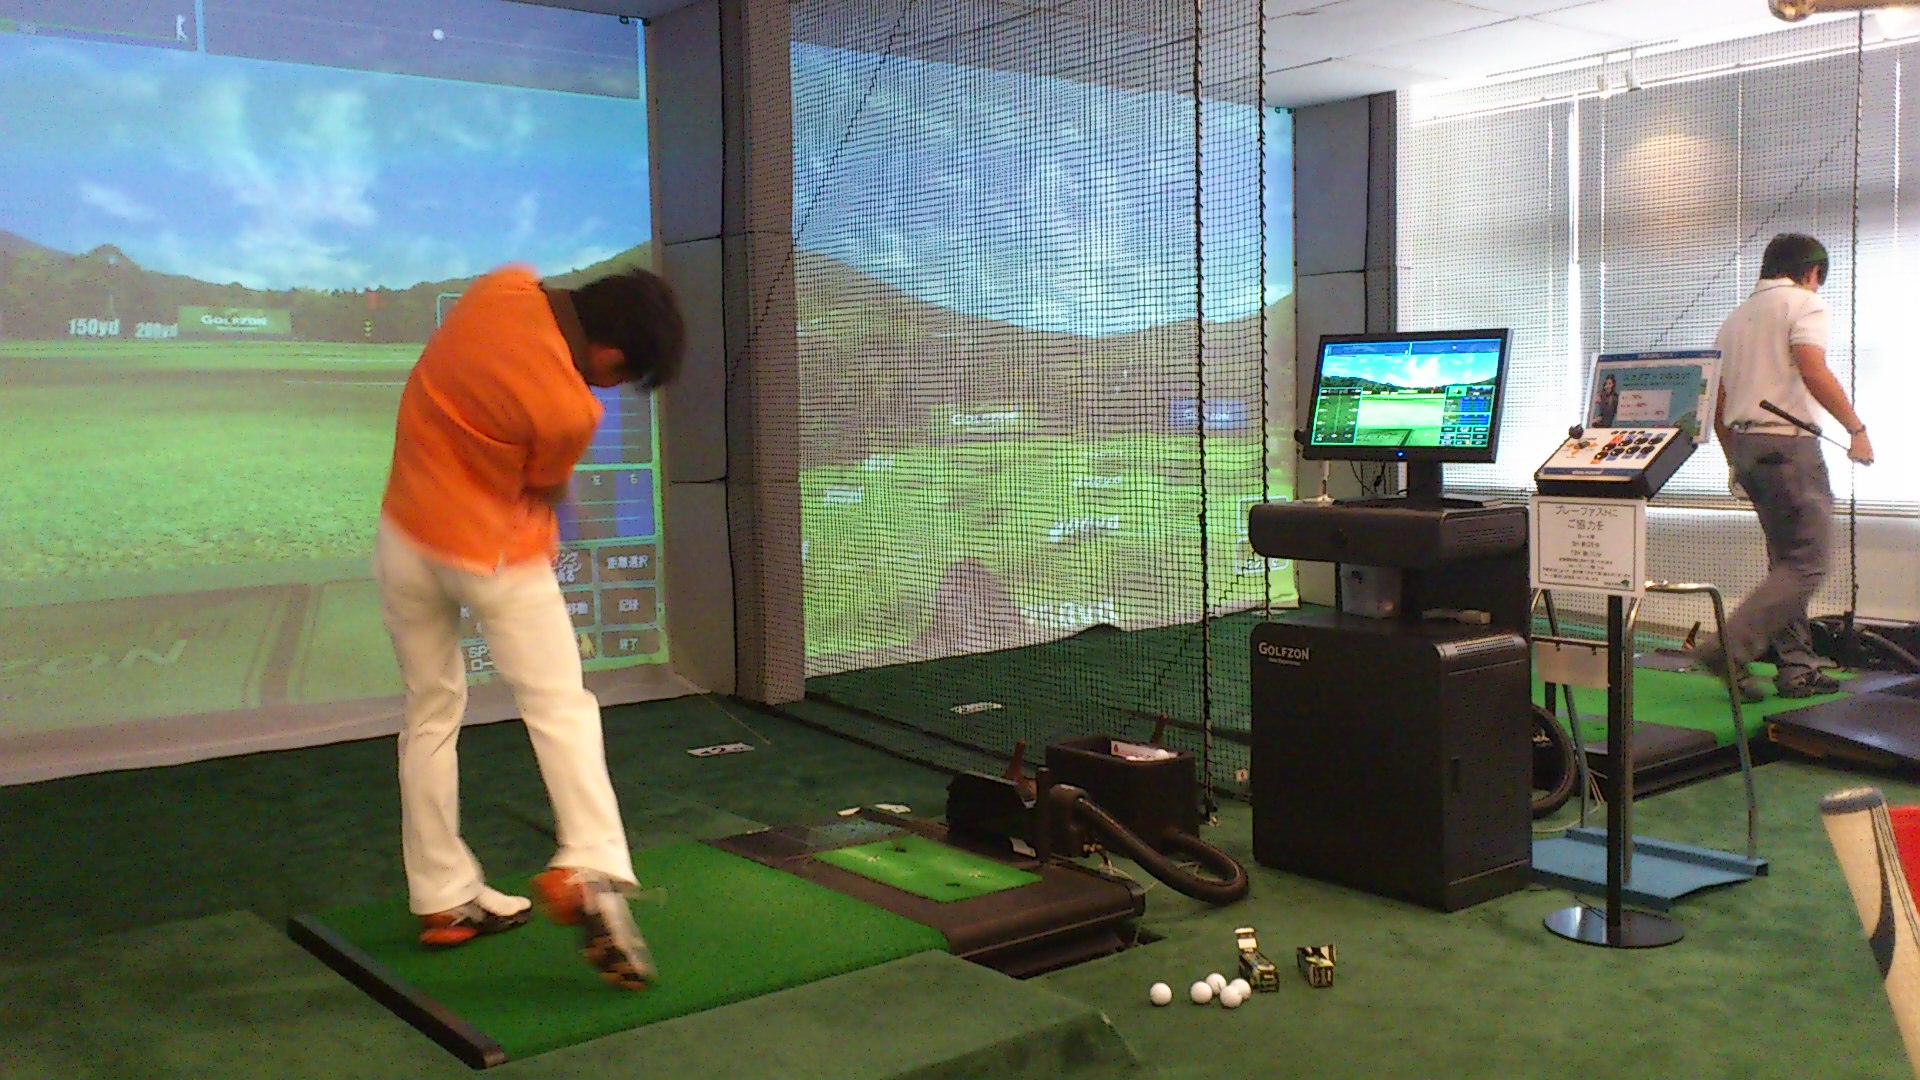 ドラコン世界一への登竜門! LDJ世界ドラコン選手権日本大会、4月26日に東京ドームのシミュレーションゴルフで開催!